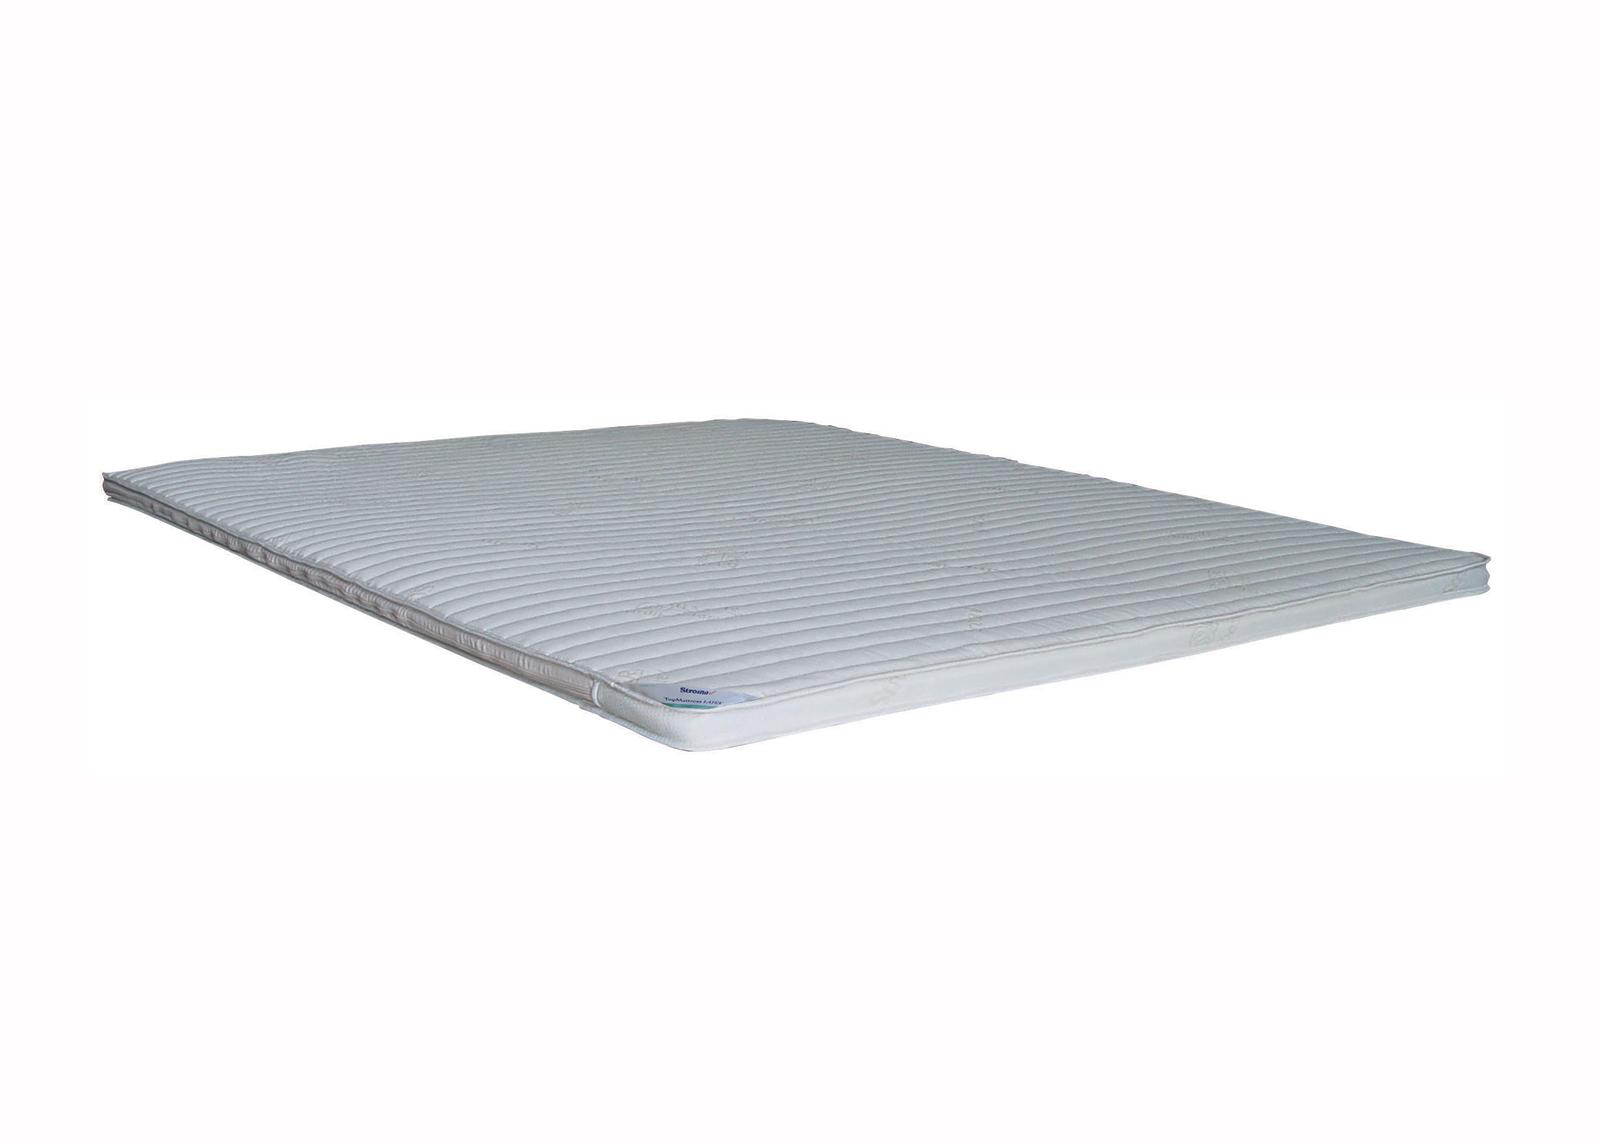 STROMA sijauspatja TOP LATEX 140x200x4 cm